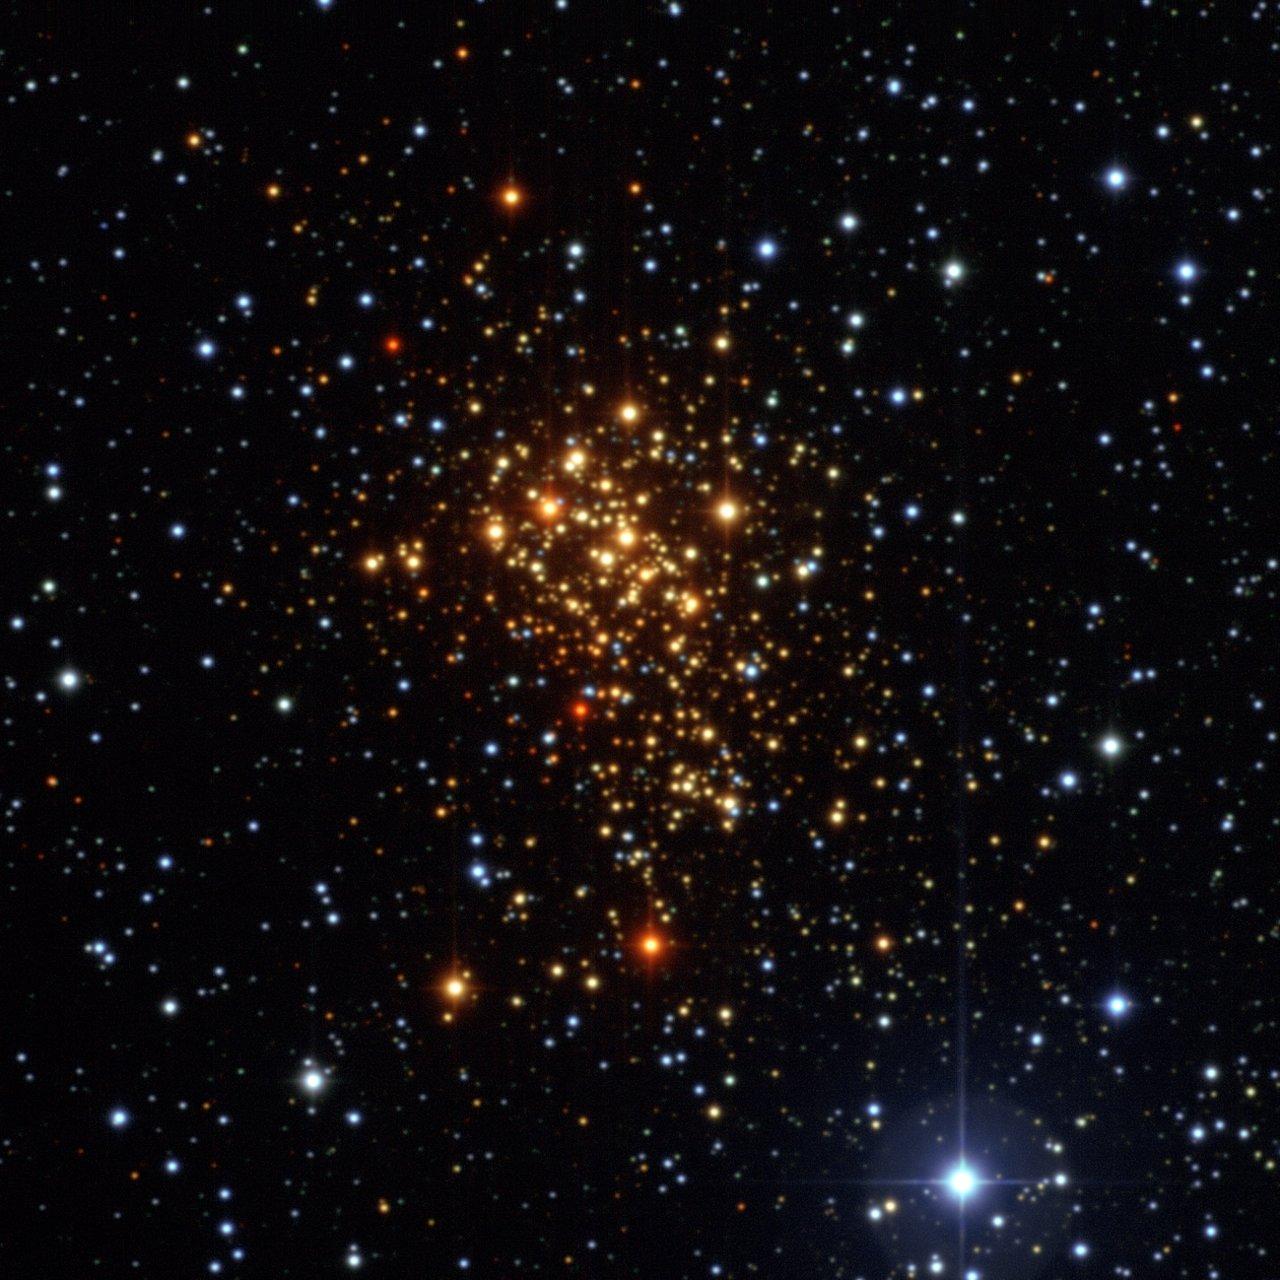 L'ammasso stellare Westerlund 1